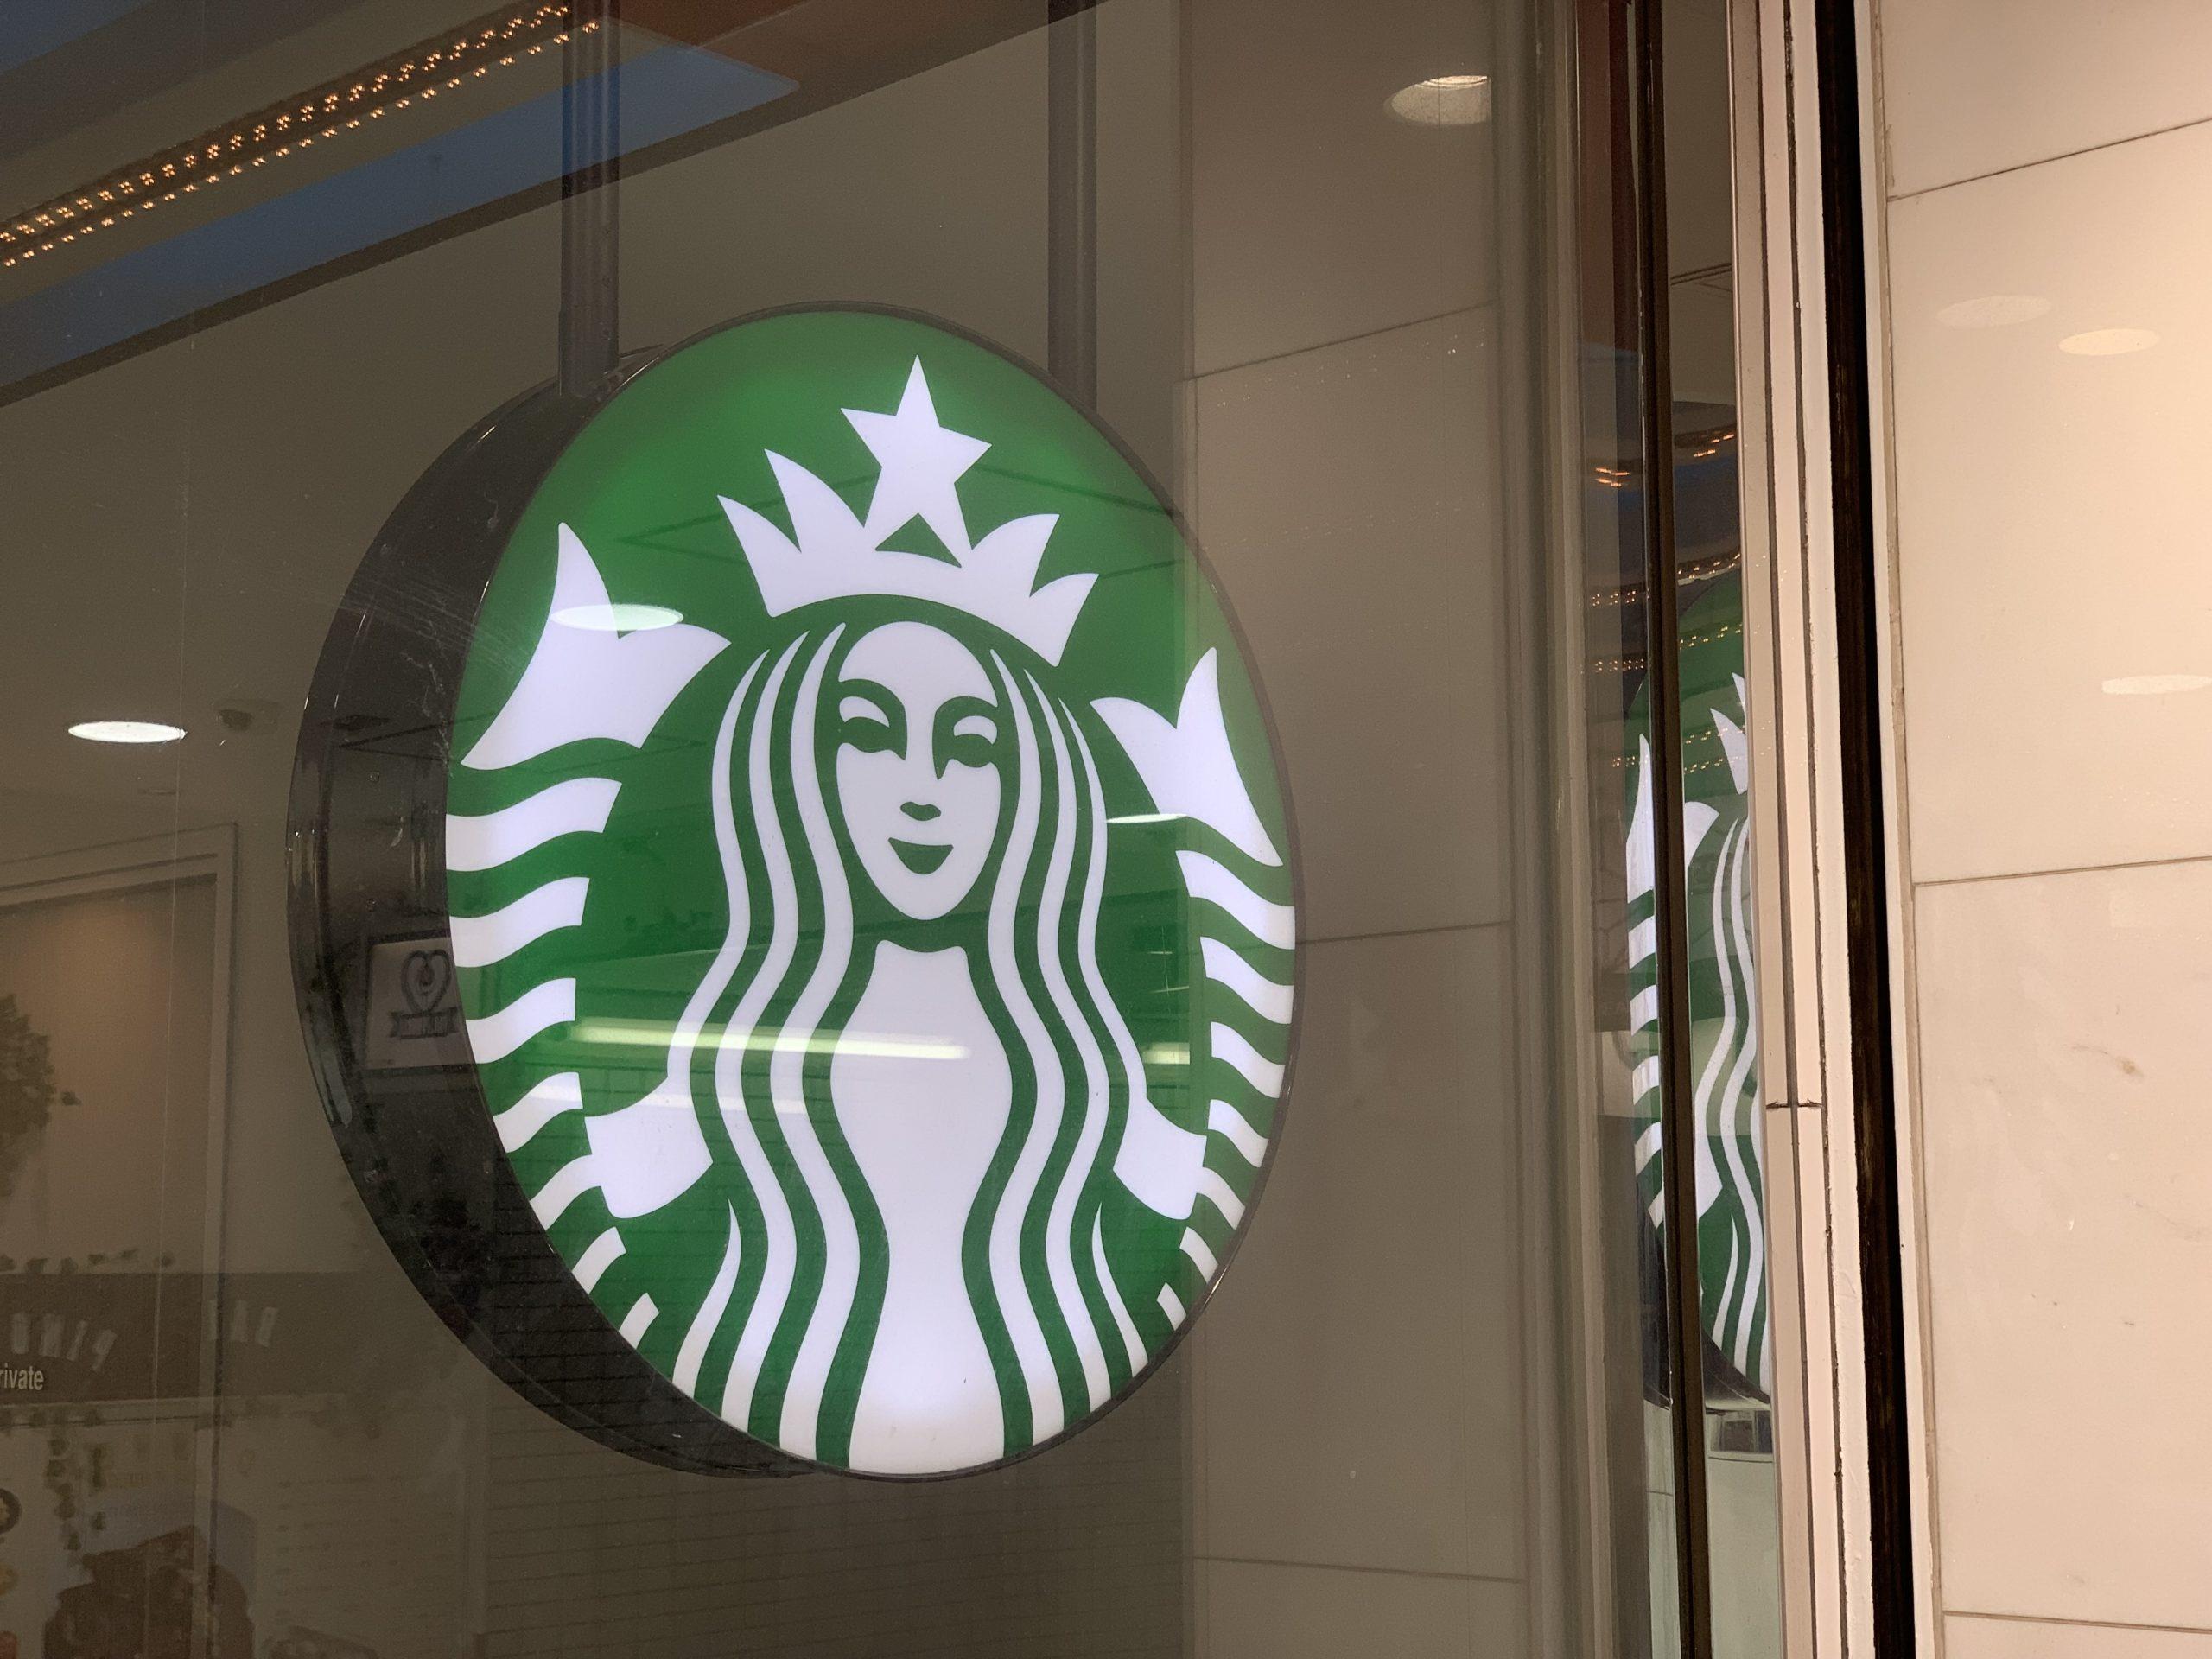 グランフロント大阪南館 電源カフェ スターバックスコーヒー グランフロント大阪店 Wi-Fi